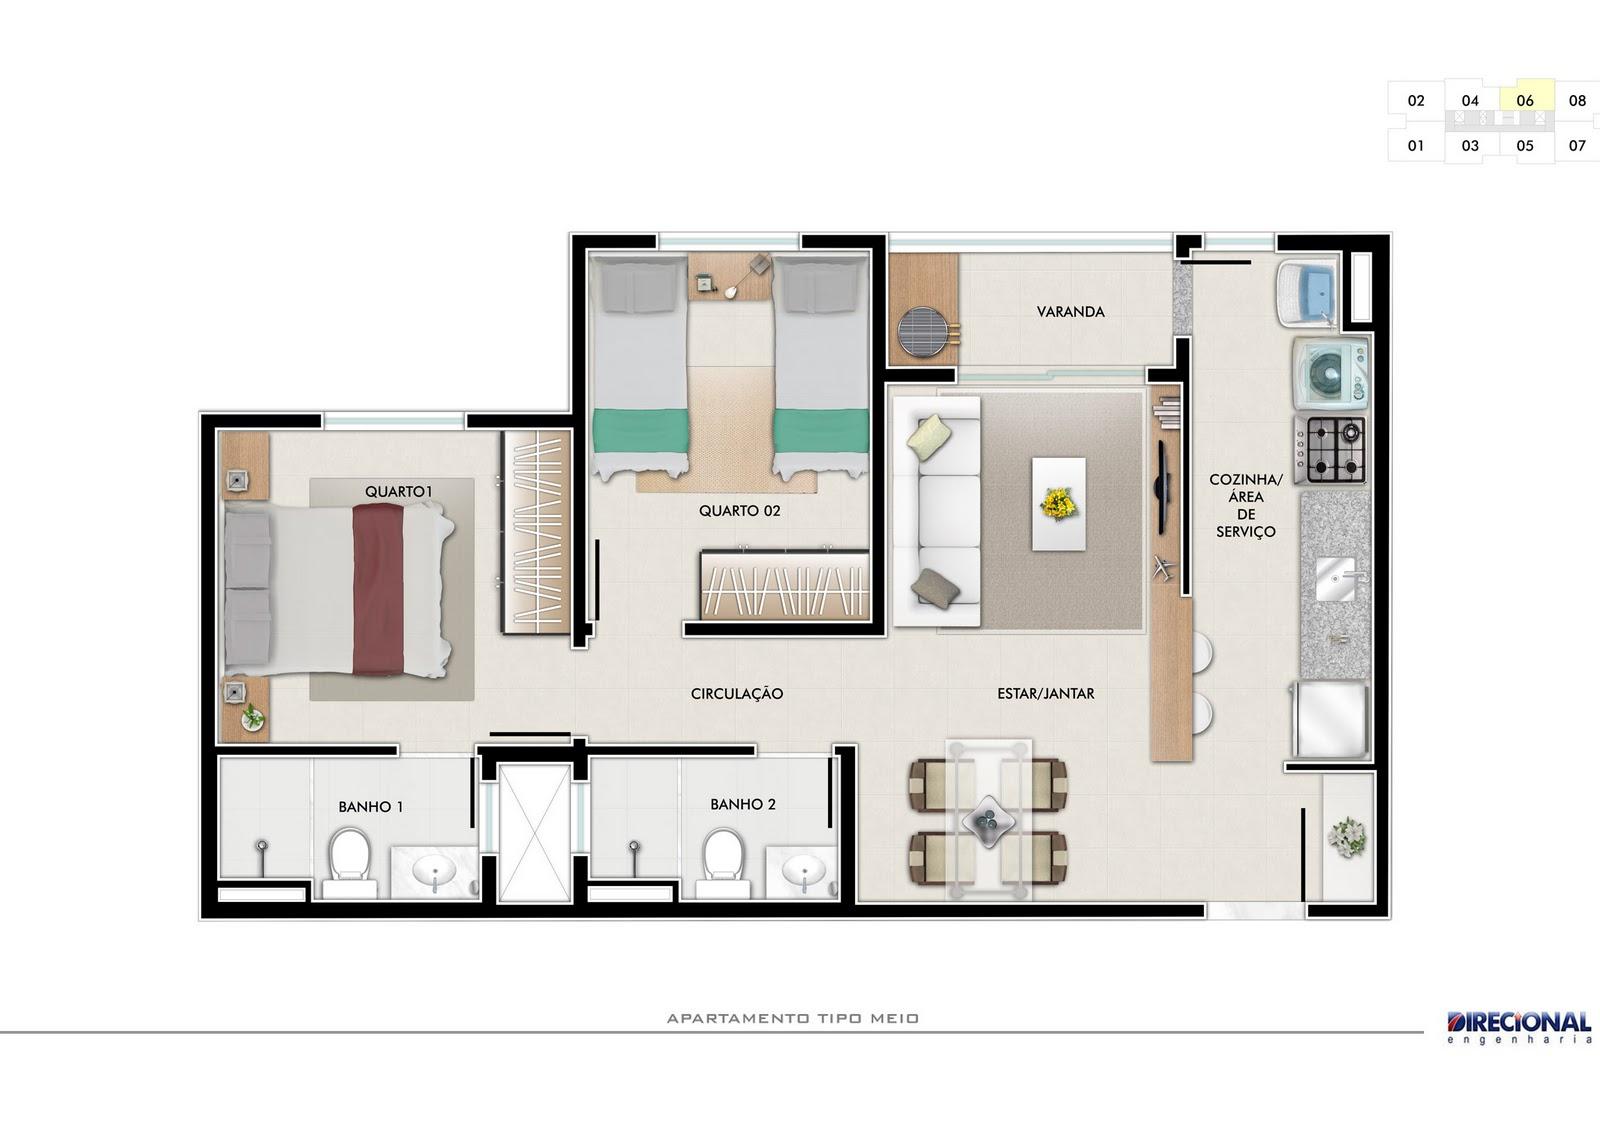 plantas de casas 3 quartos 1 suite e garagem Térreo 3 Quartos Cód  #488370 1600 1126